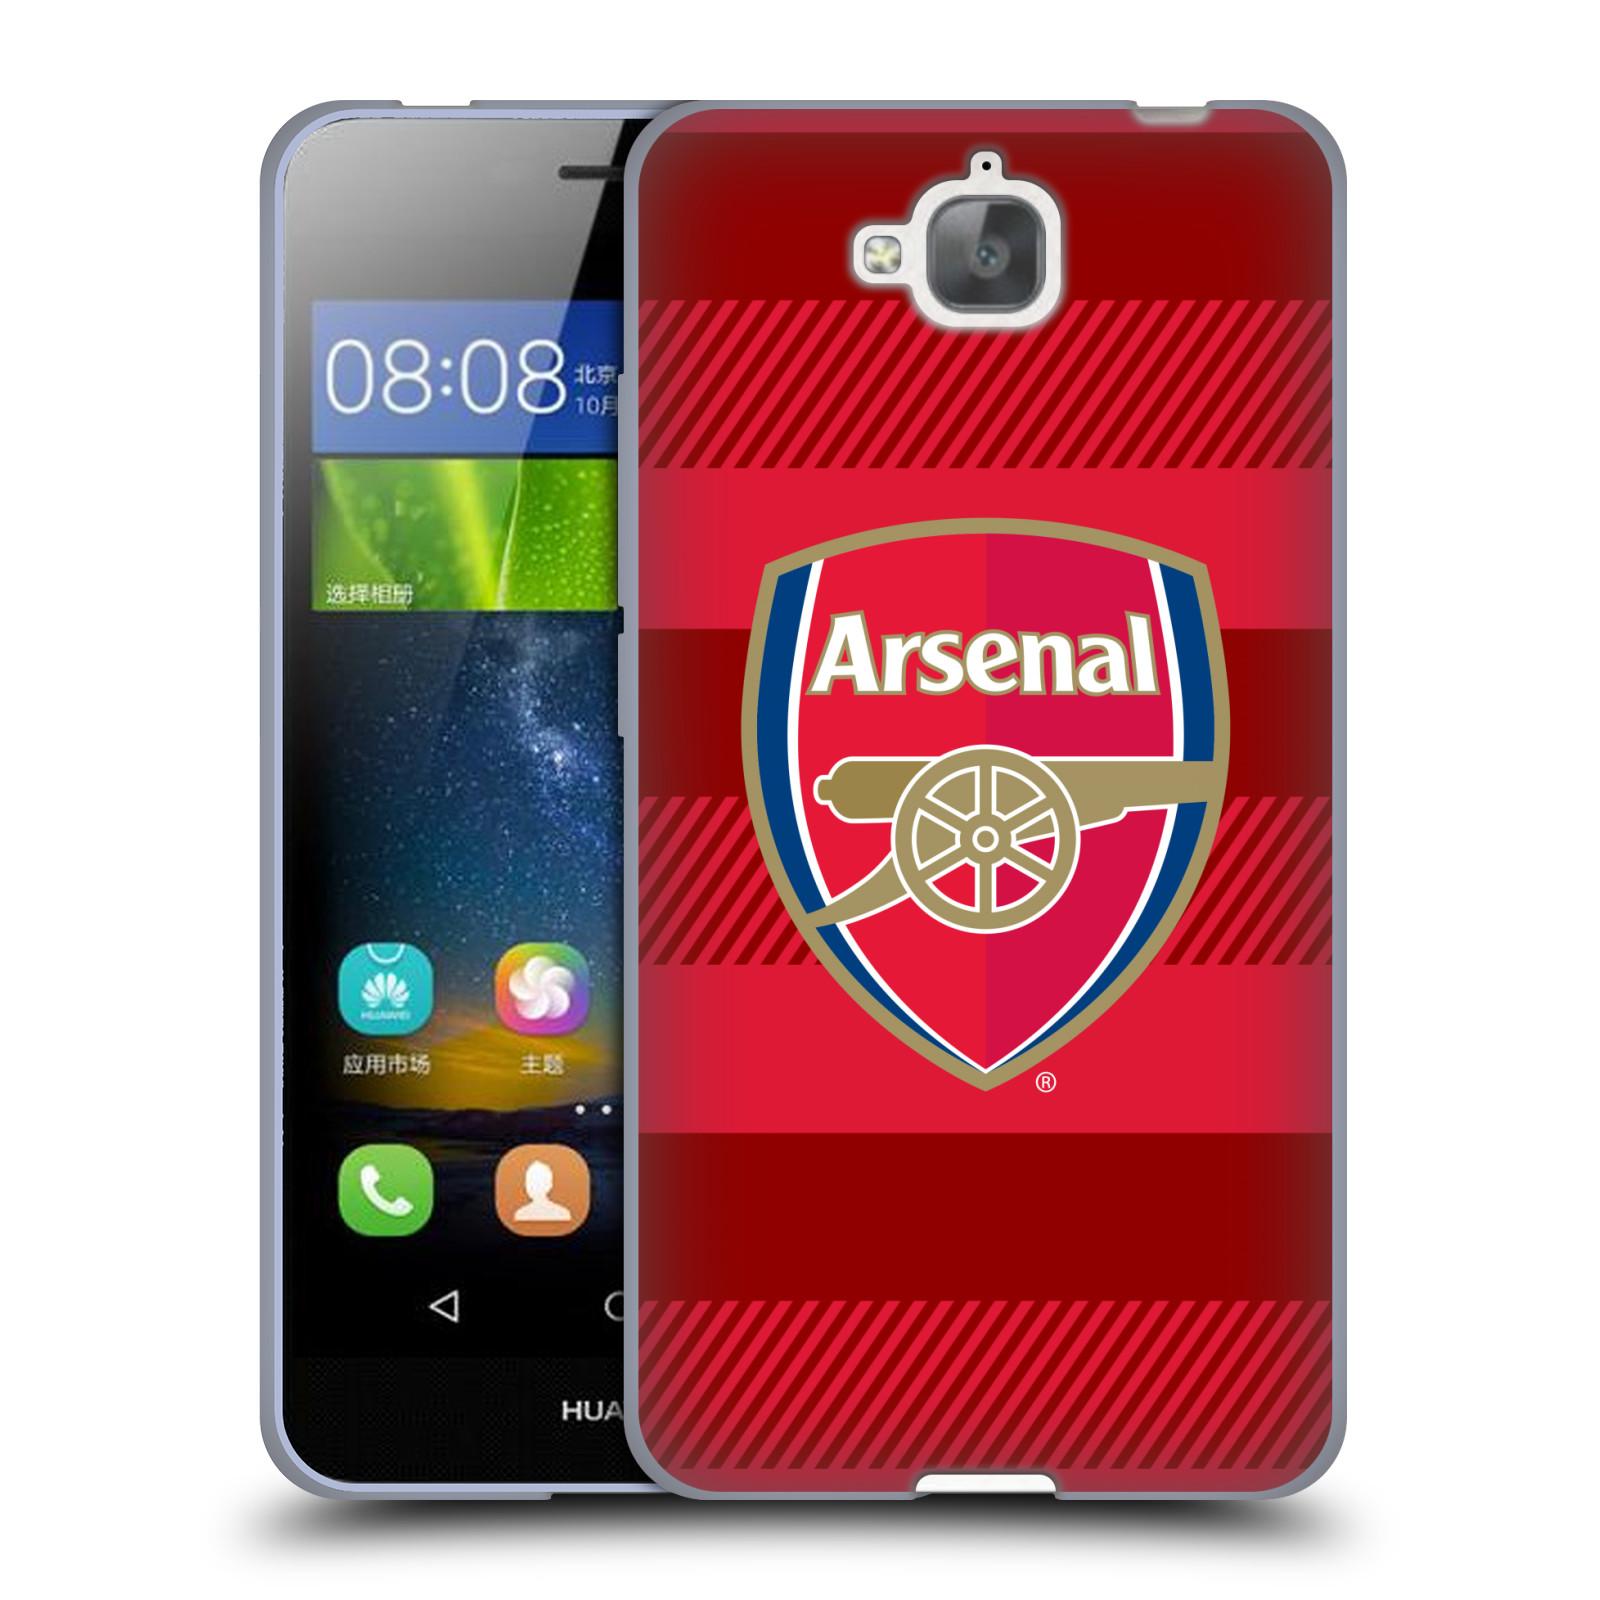 Silikonové pouzdro na mobil Huawei Y6 Pro Dual Sim - Head Case - Arsenal FC - Logo s pruhy